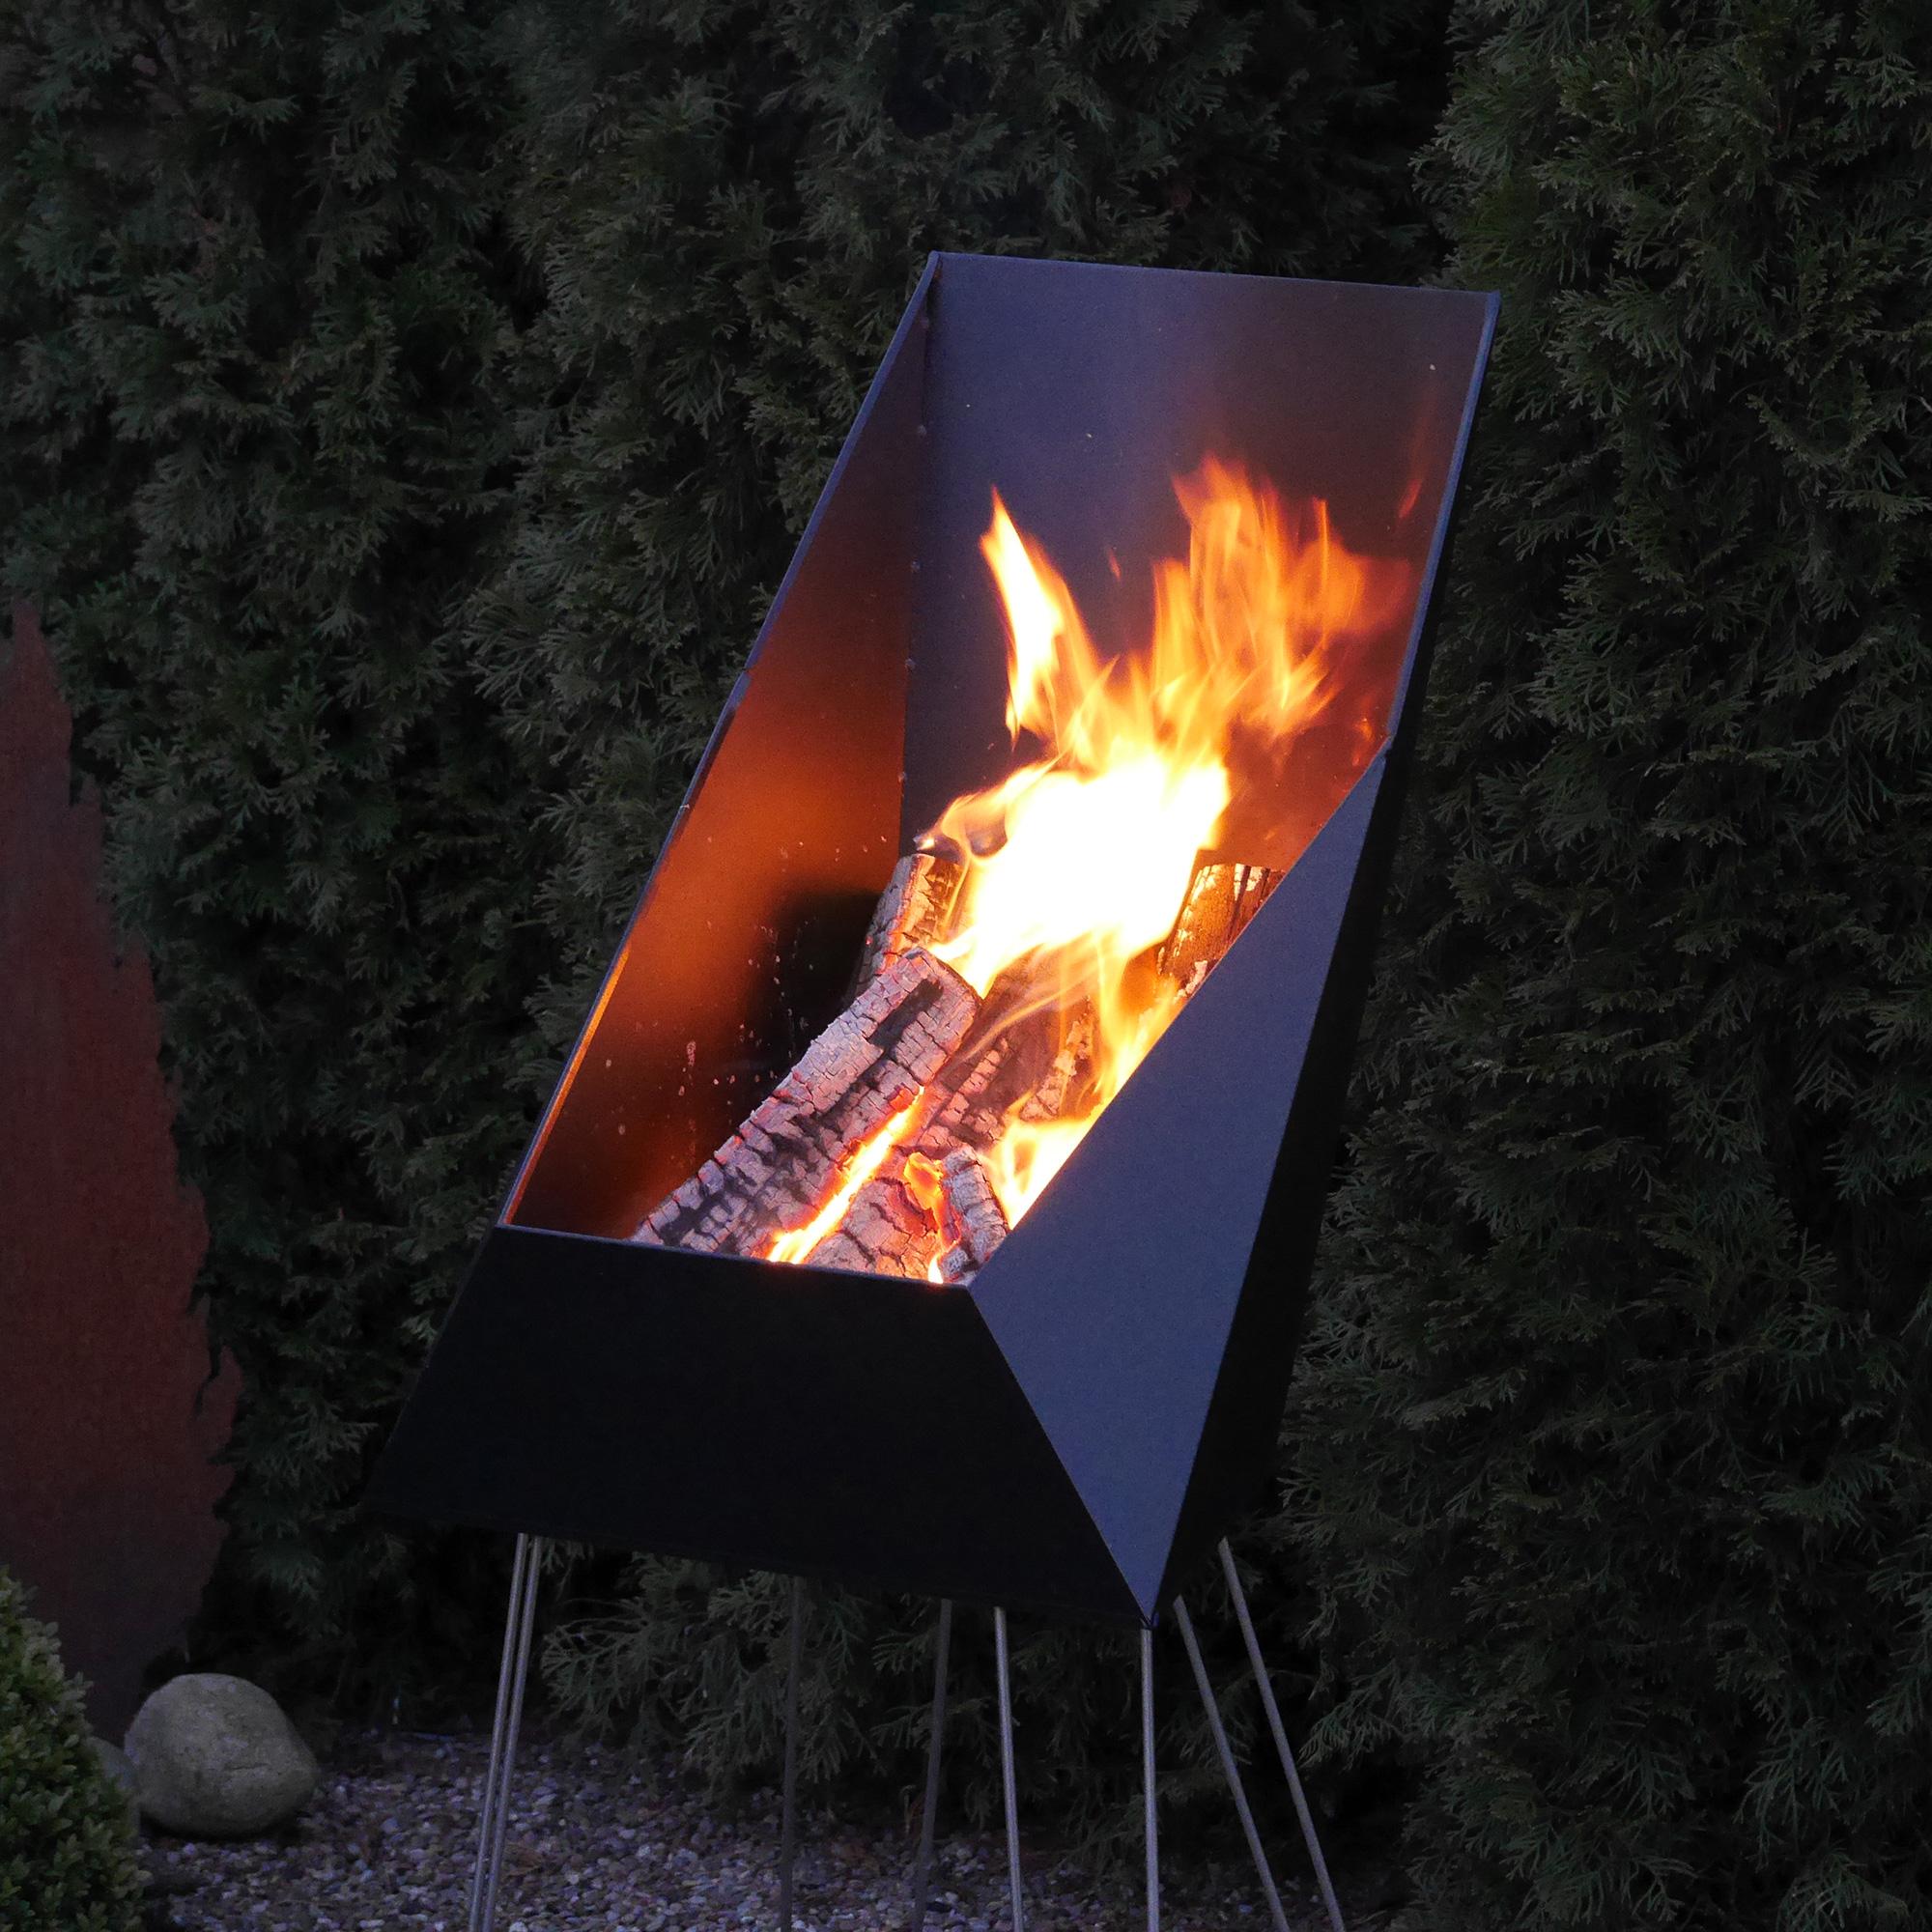 vasner merive m4 feuerkorb f r gezielte w rme. Black Bedroom Furniture Sets. Home Design Ideas